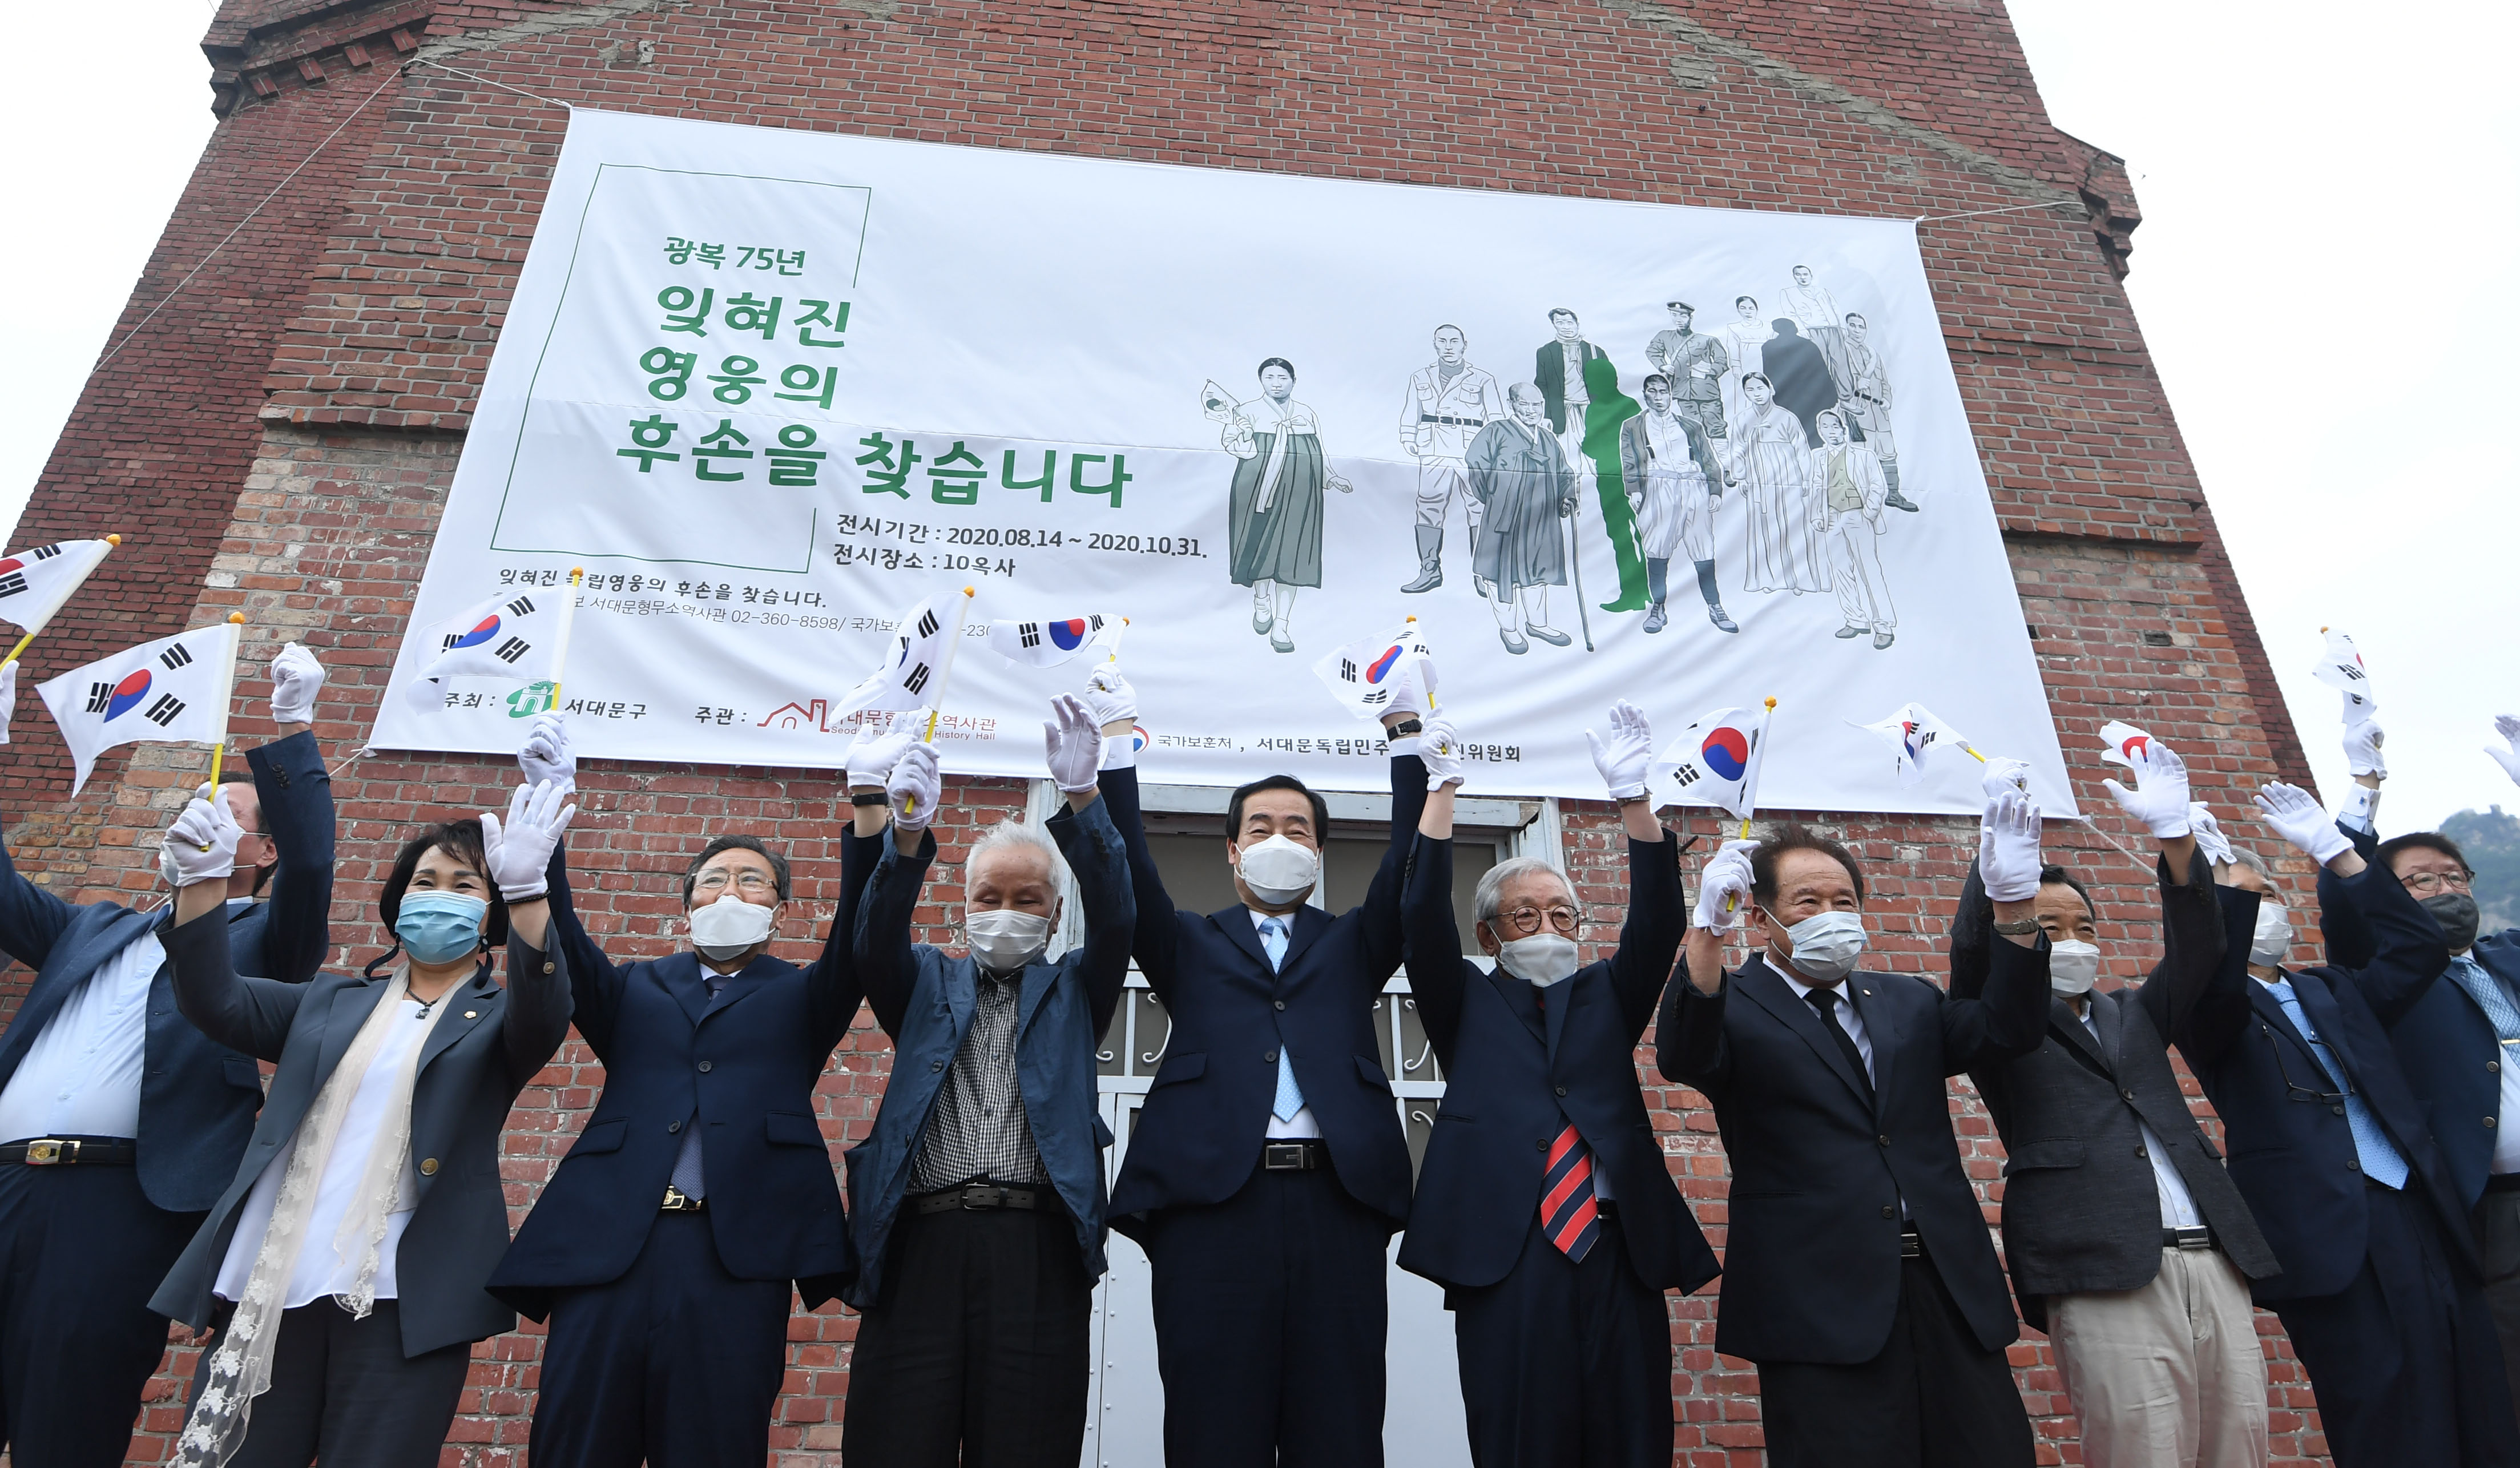 '광복 75주년 잊혀진 영웅의 후손을 찾습니다'